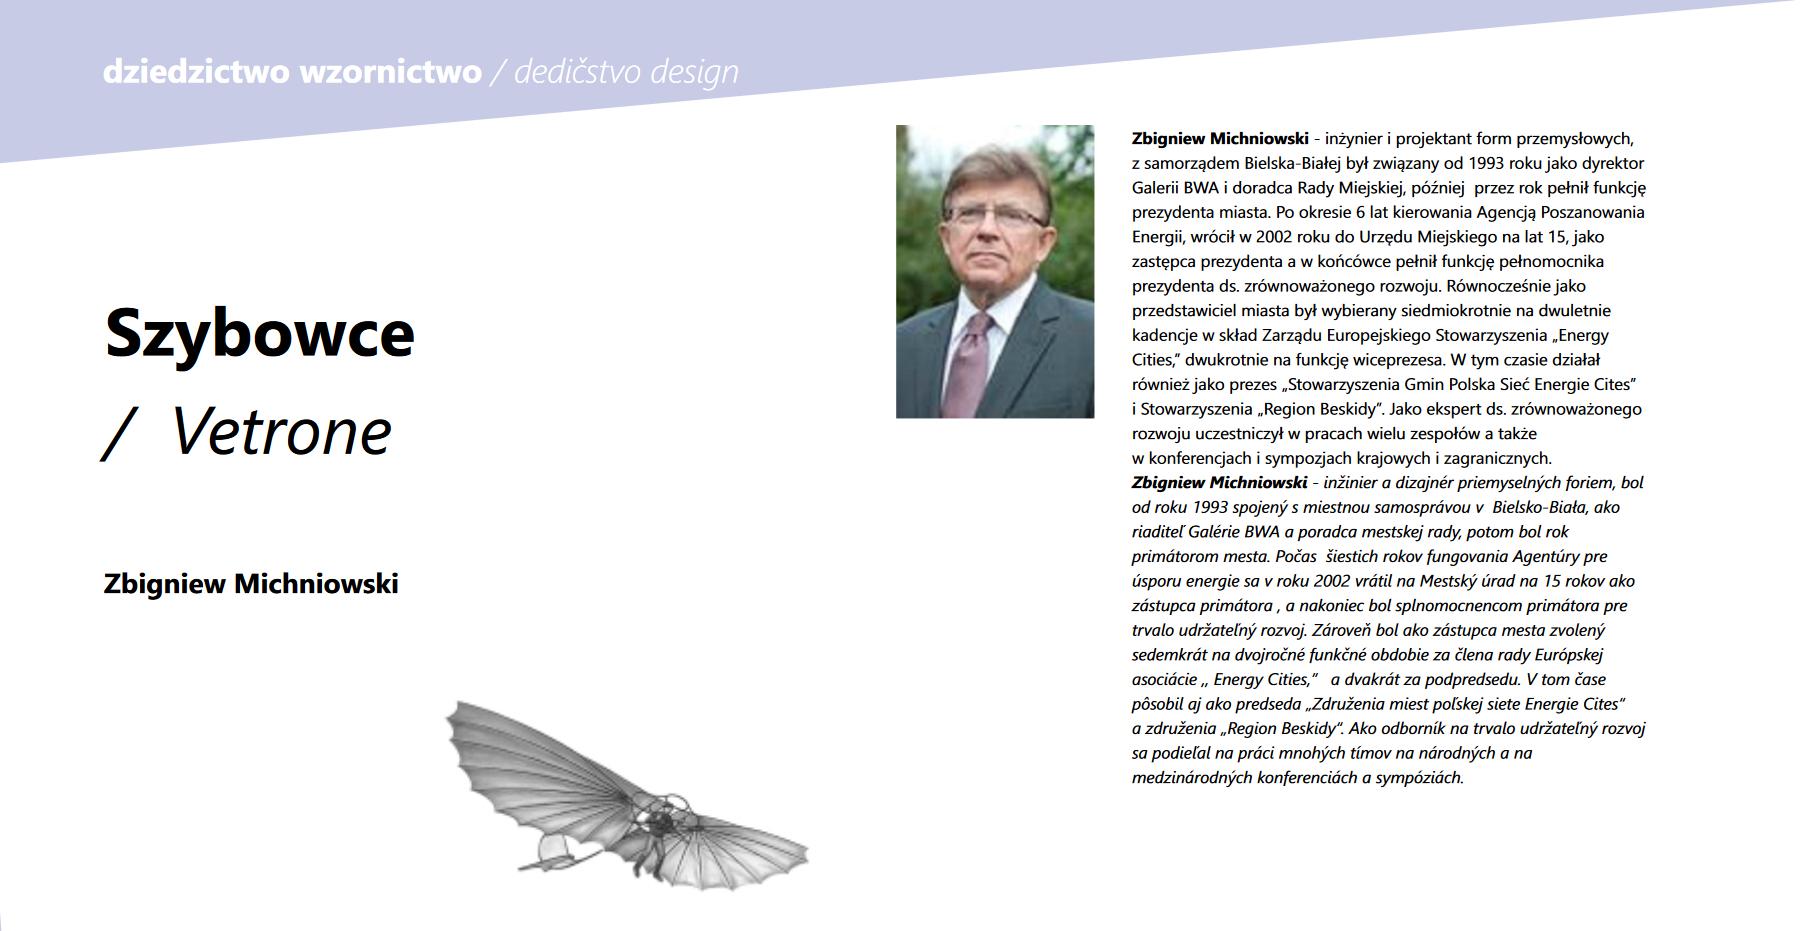 Szybowce - Zbigniew Michniowski